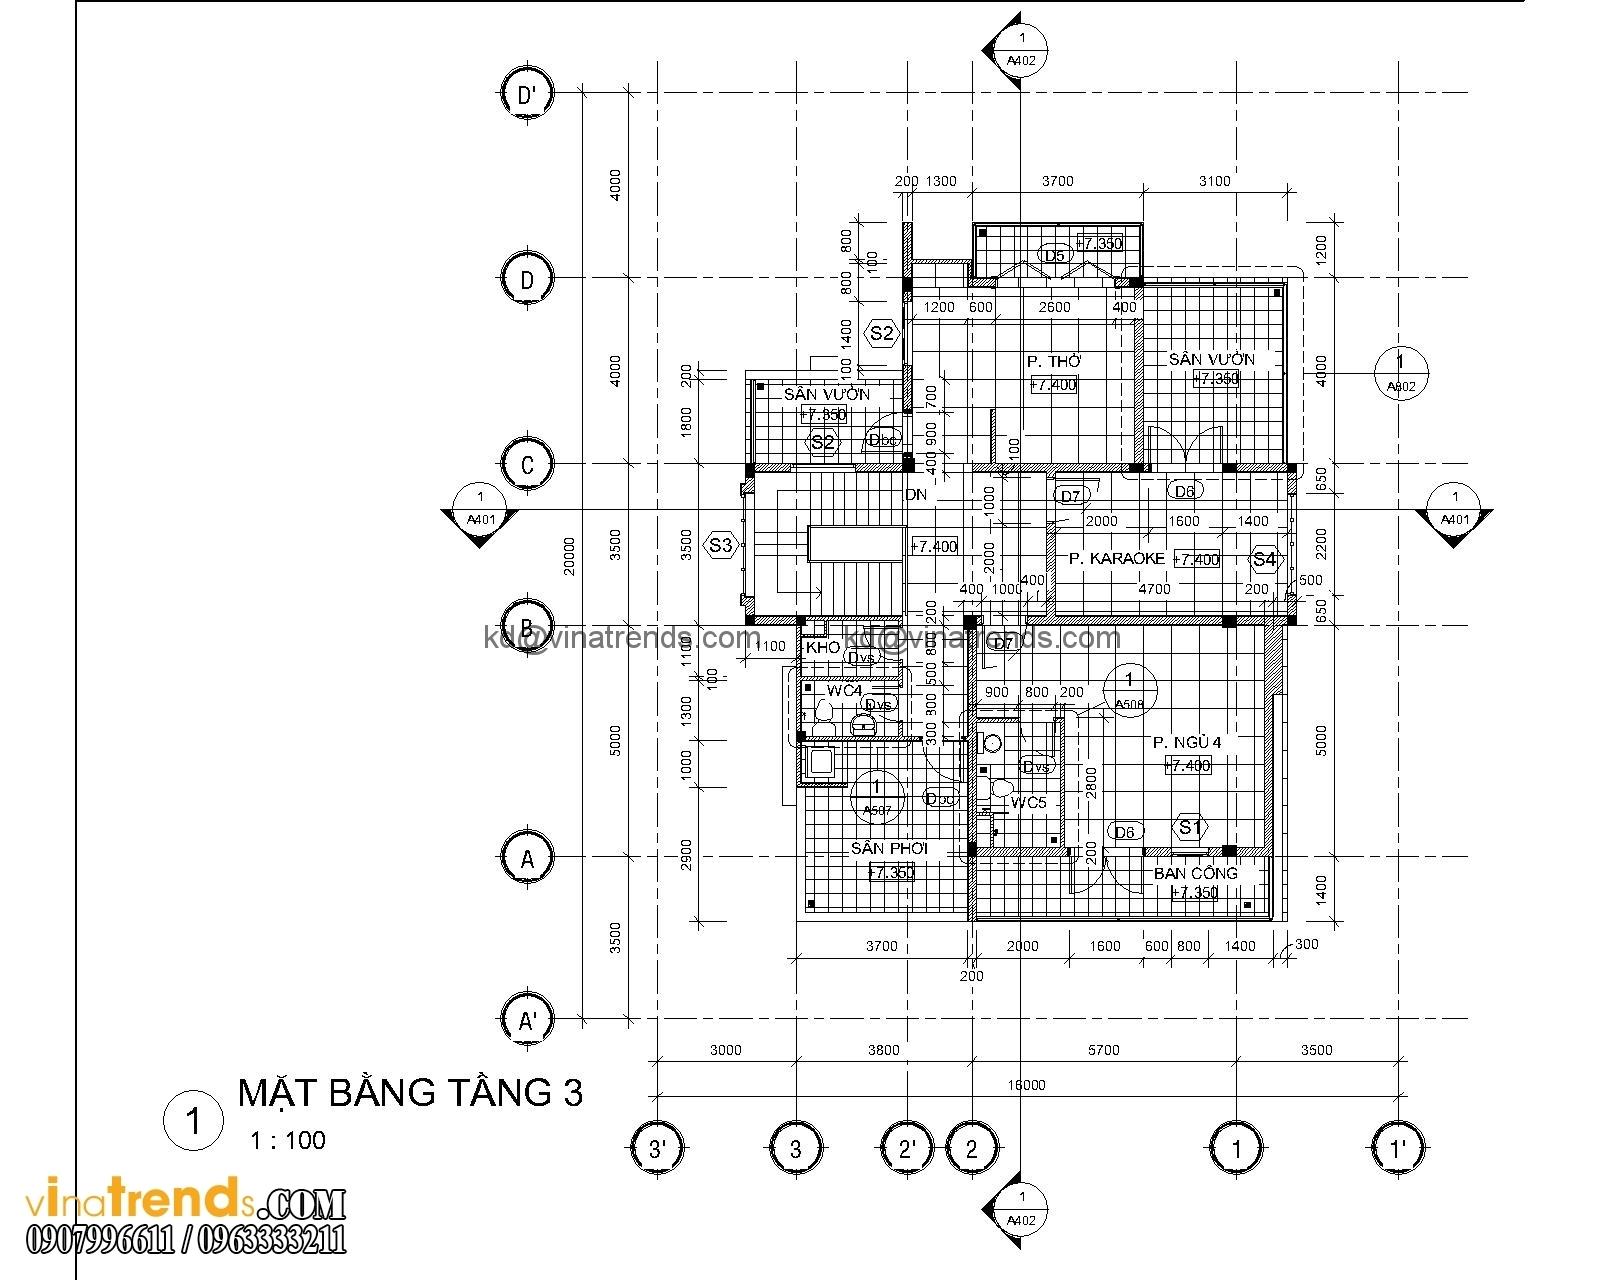 mat bang biet thu hien dai 3 tang 18x20m 8 Biệt thự mini 3 tầng đẹp hoa phải ghen liễu cũng hờn   BTMN101014A